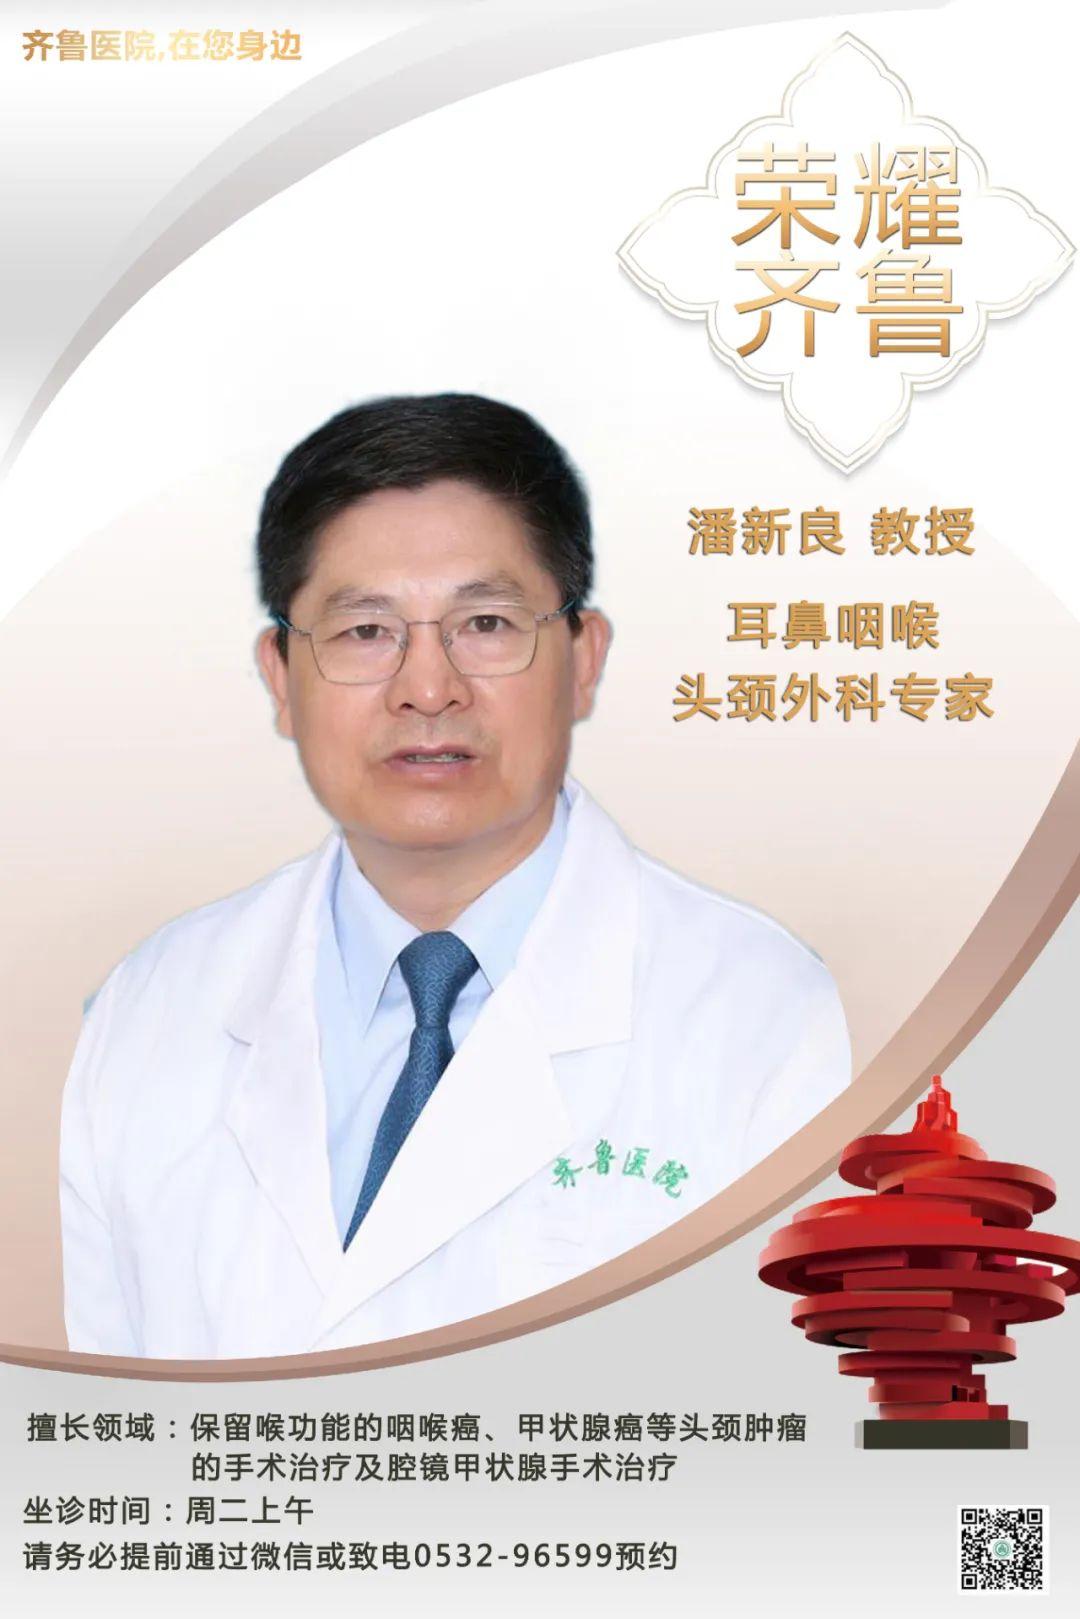 """【""""齐鲁医院 在您身边""""之荣耀齐鲁】耳鼻咽喉头颈外科知名专家潘新良教授坐诊预告"""